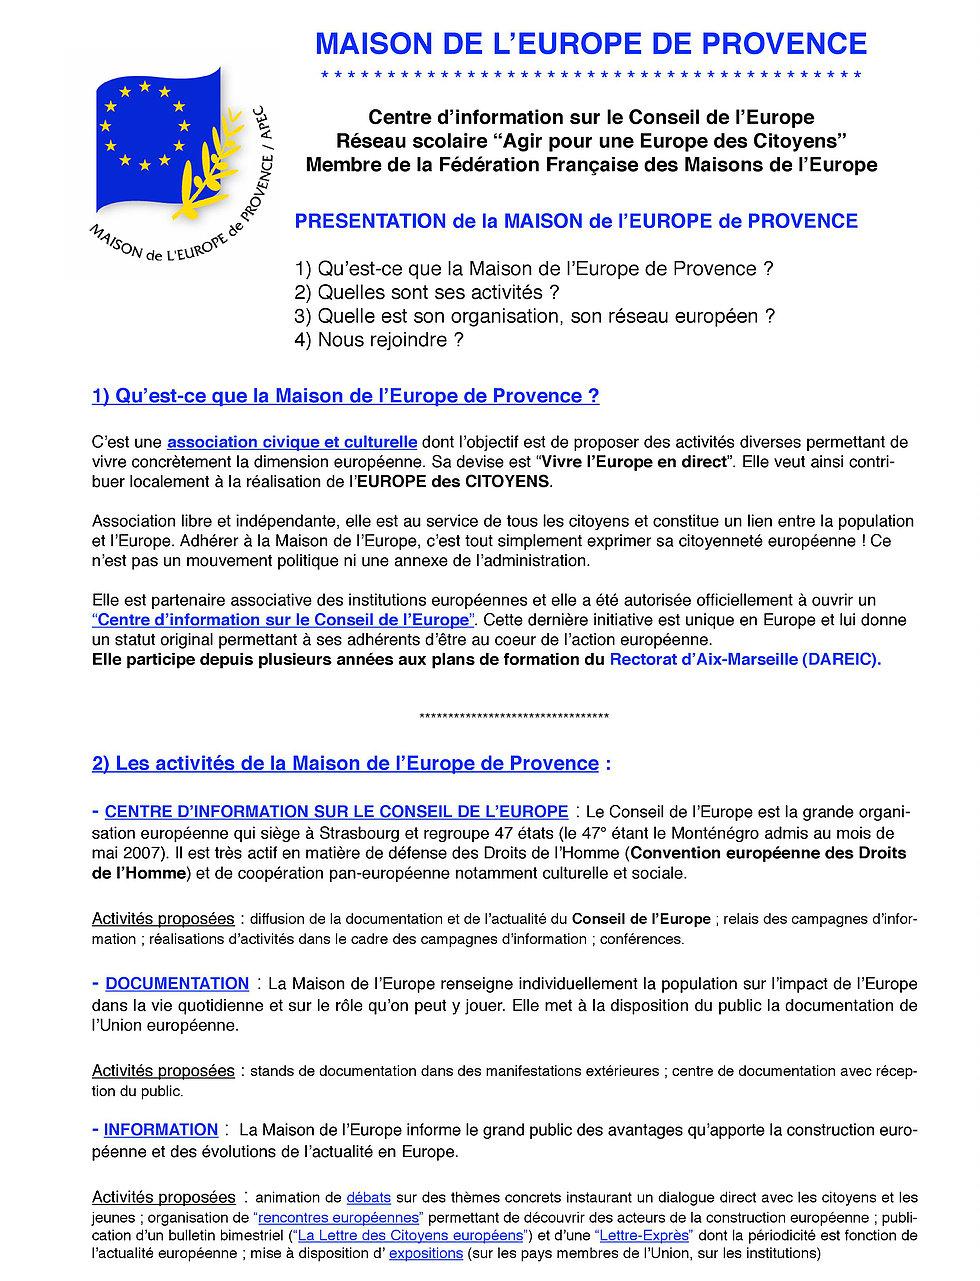 presentation-maison-europe-provence-1